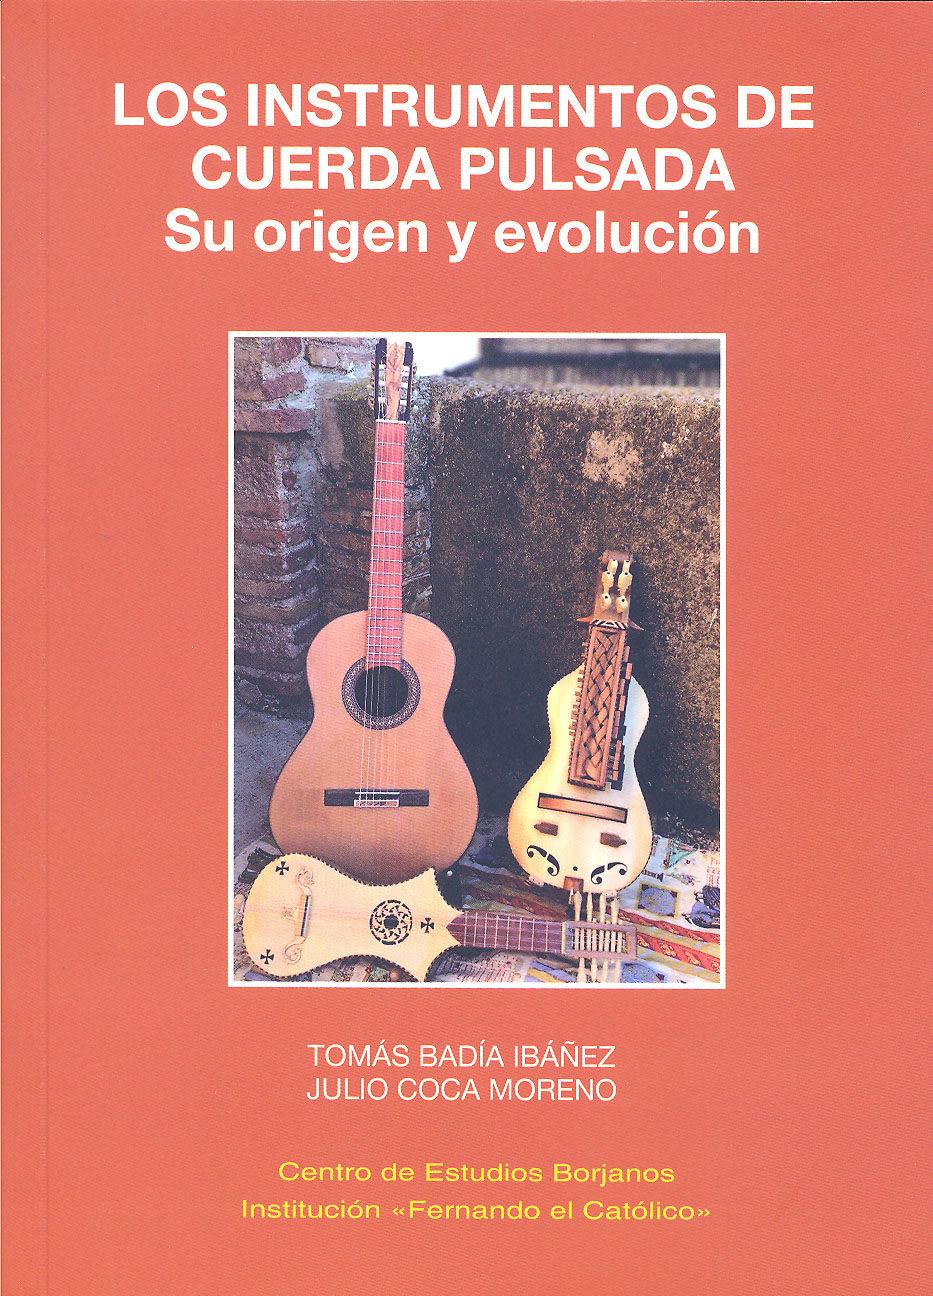 los instrumentos de cuerda pulsada-tomas badia ibañez-9788499112640